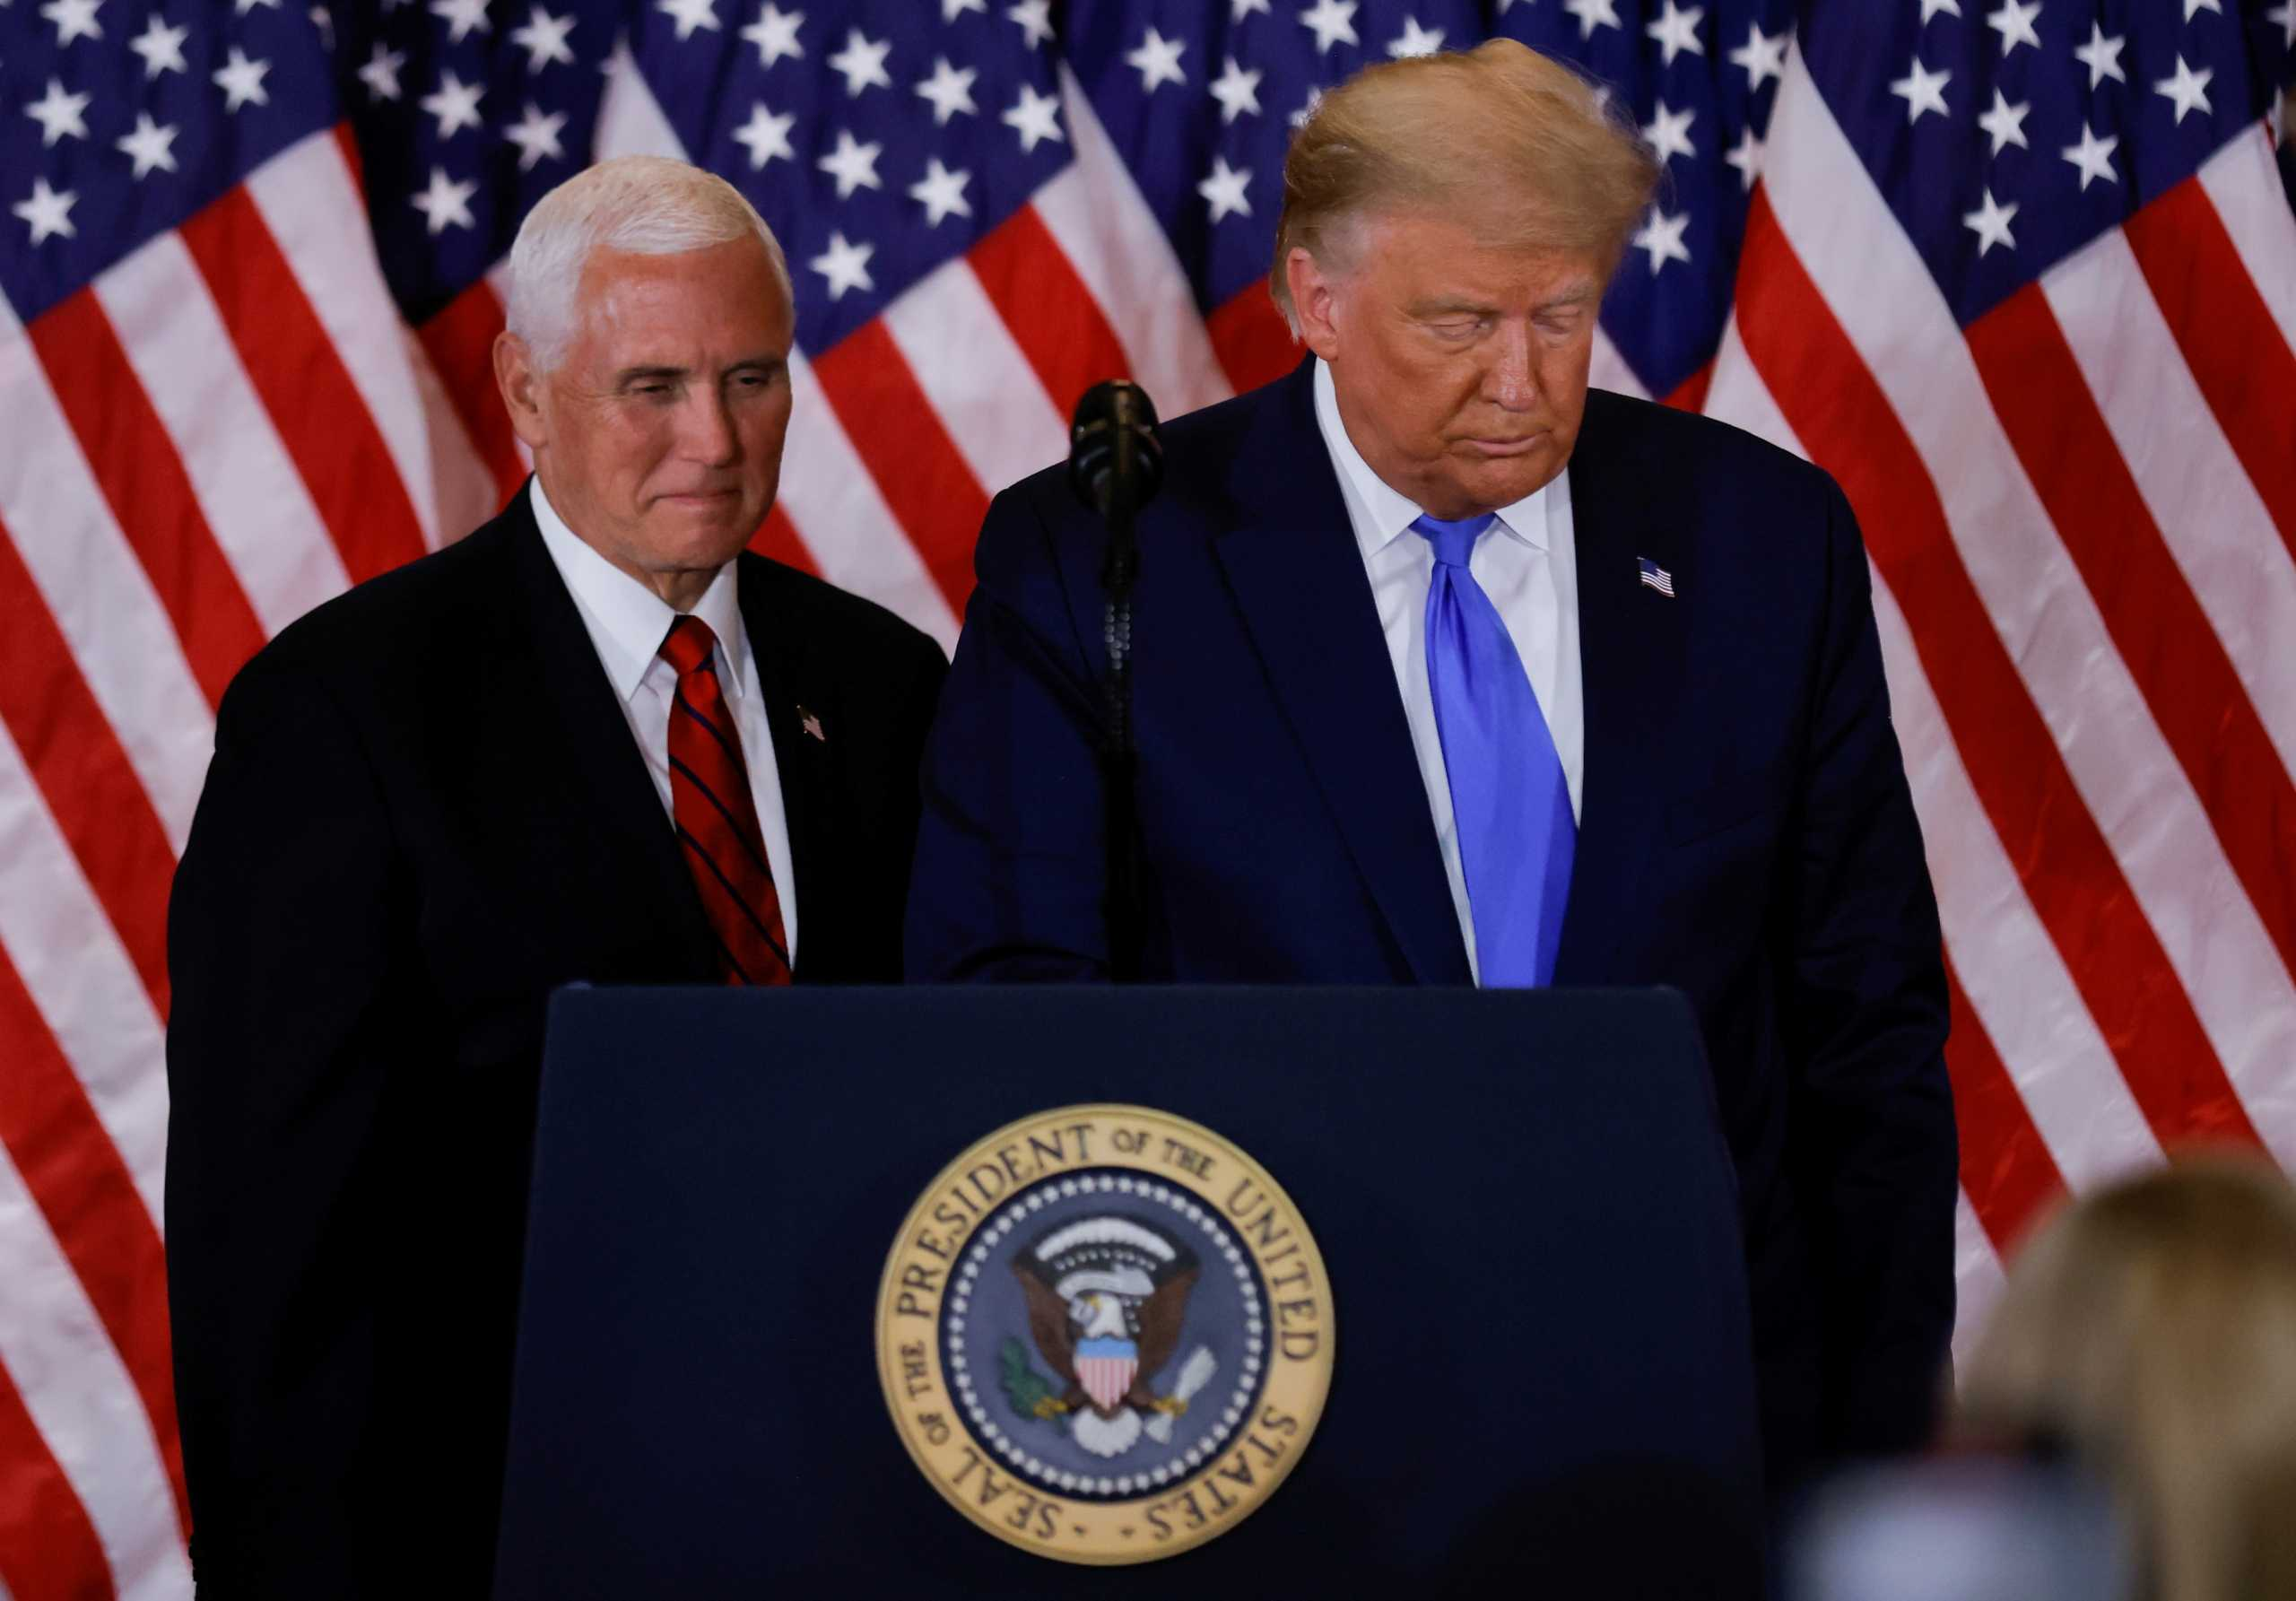 Δημοκρατικοί σε Πενς: Απομάκρυνε τον Τραμπ – Ο Πρόεδρος των ΗΠΑ είναι ανίκανος